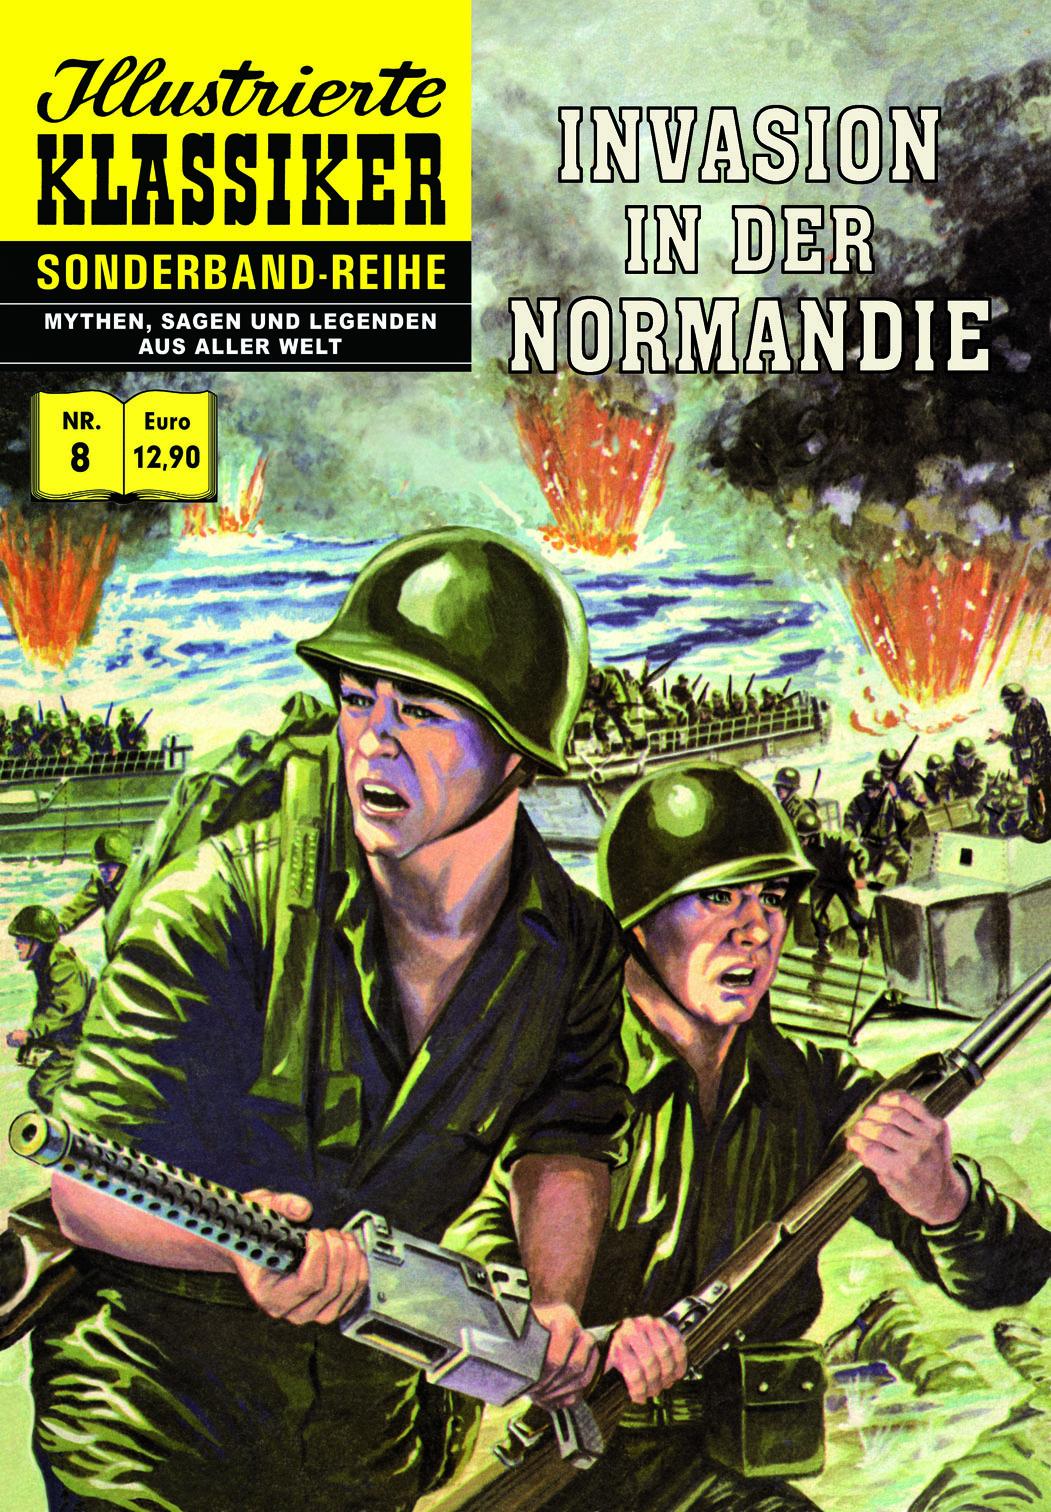 Bsv Normandie sonderband-reihe mythen, sagen und legenden nr. 8 – invasion in der